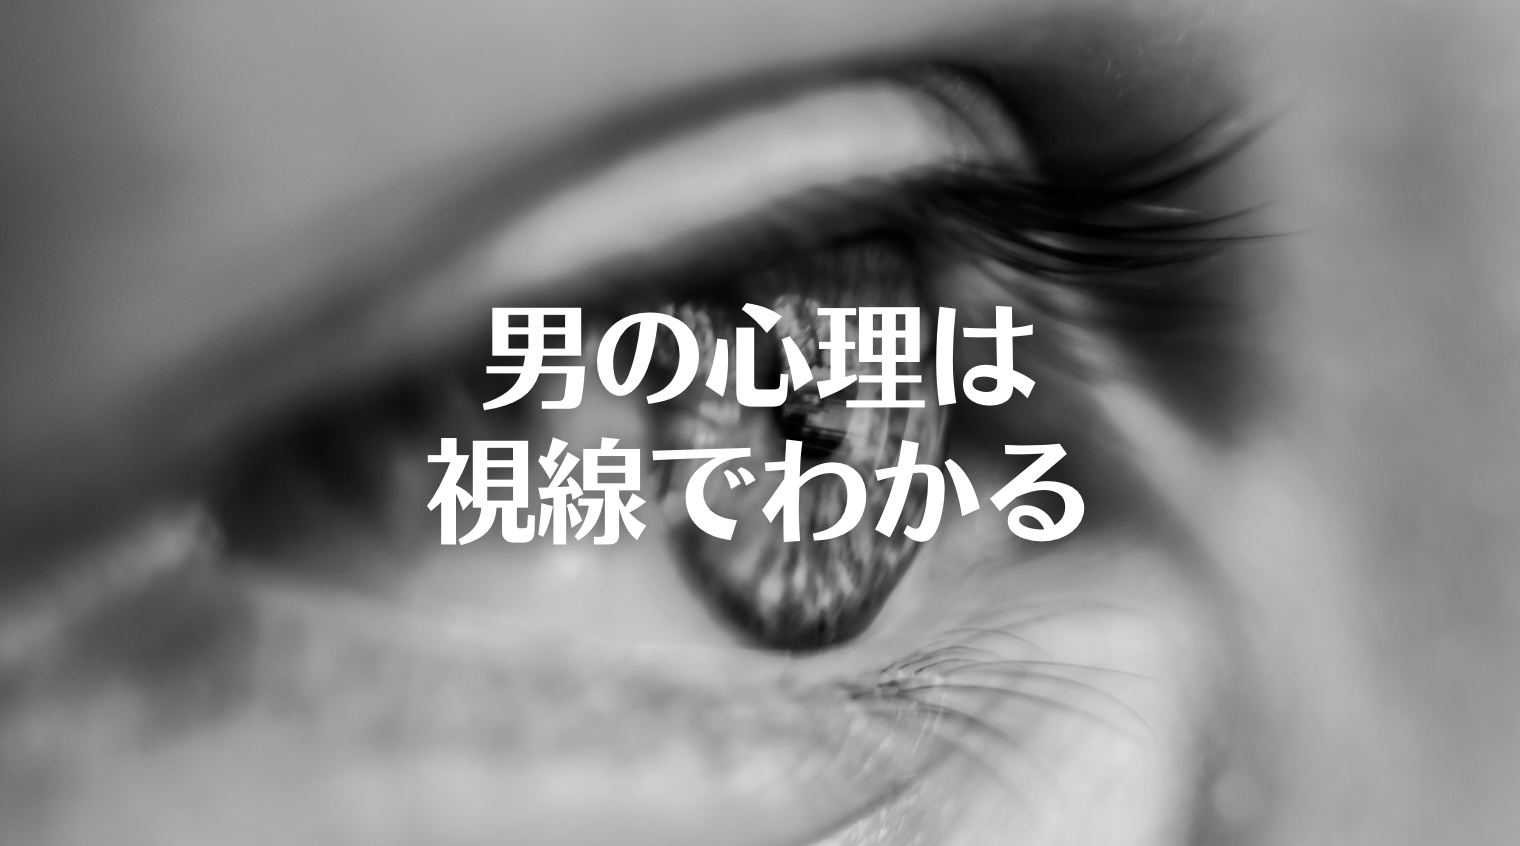 男の心理は視線でわかるのアイキャッチ画像